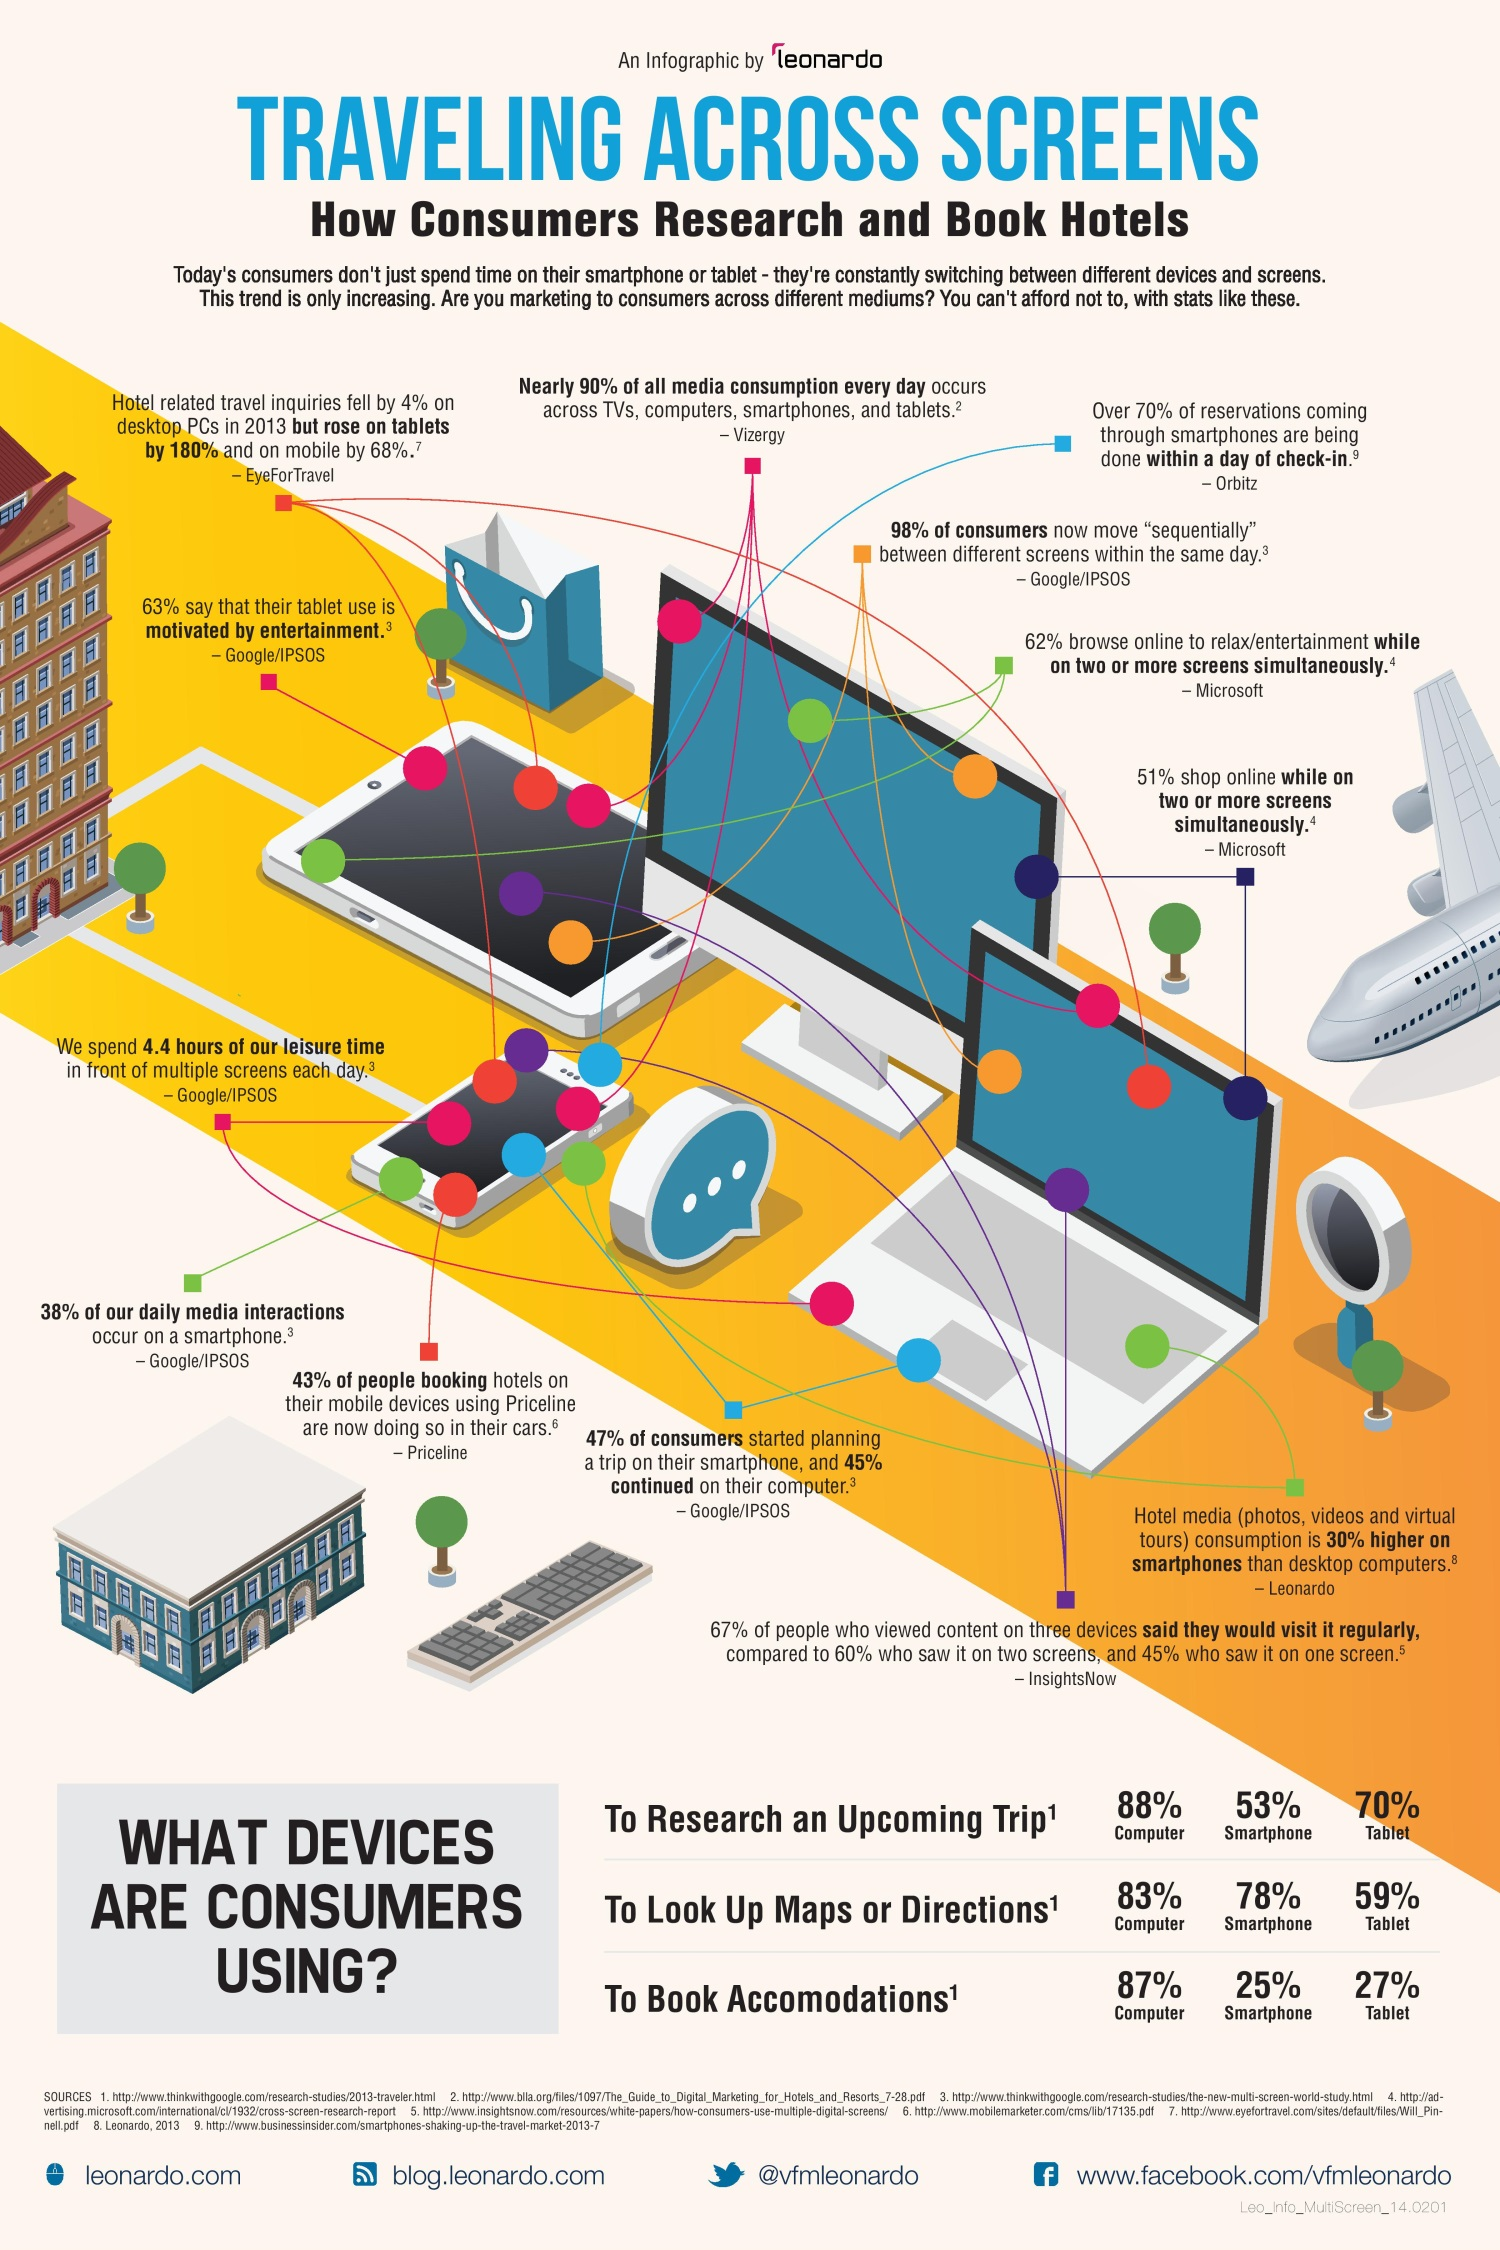 leonardo-infographic